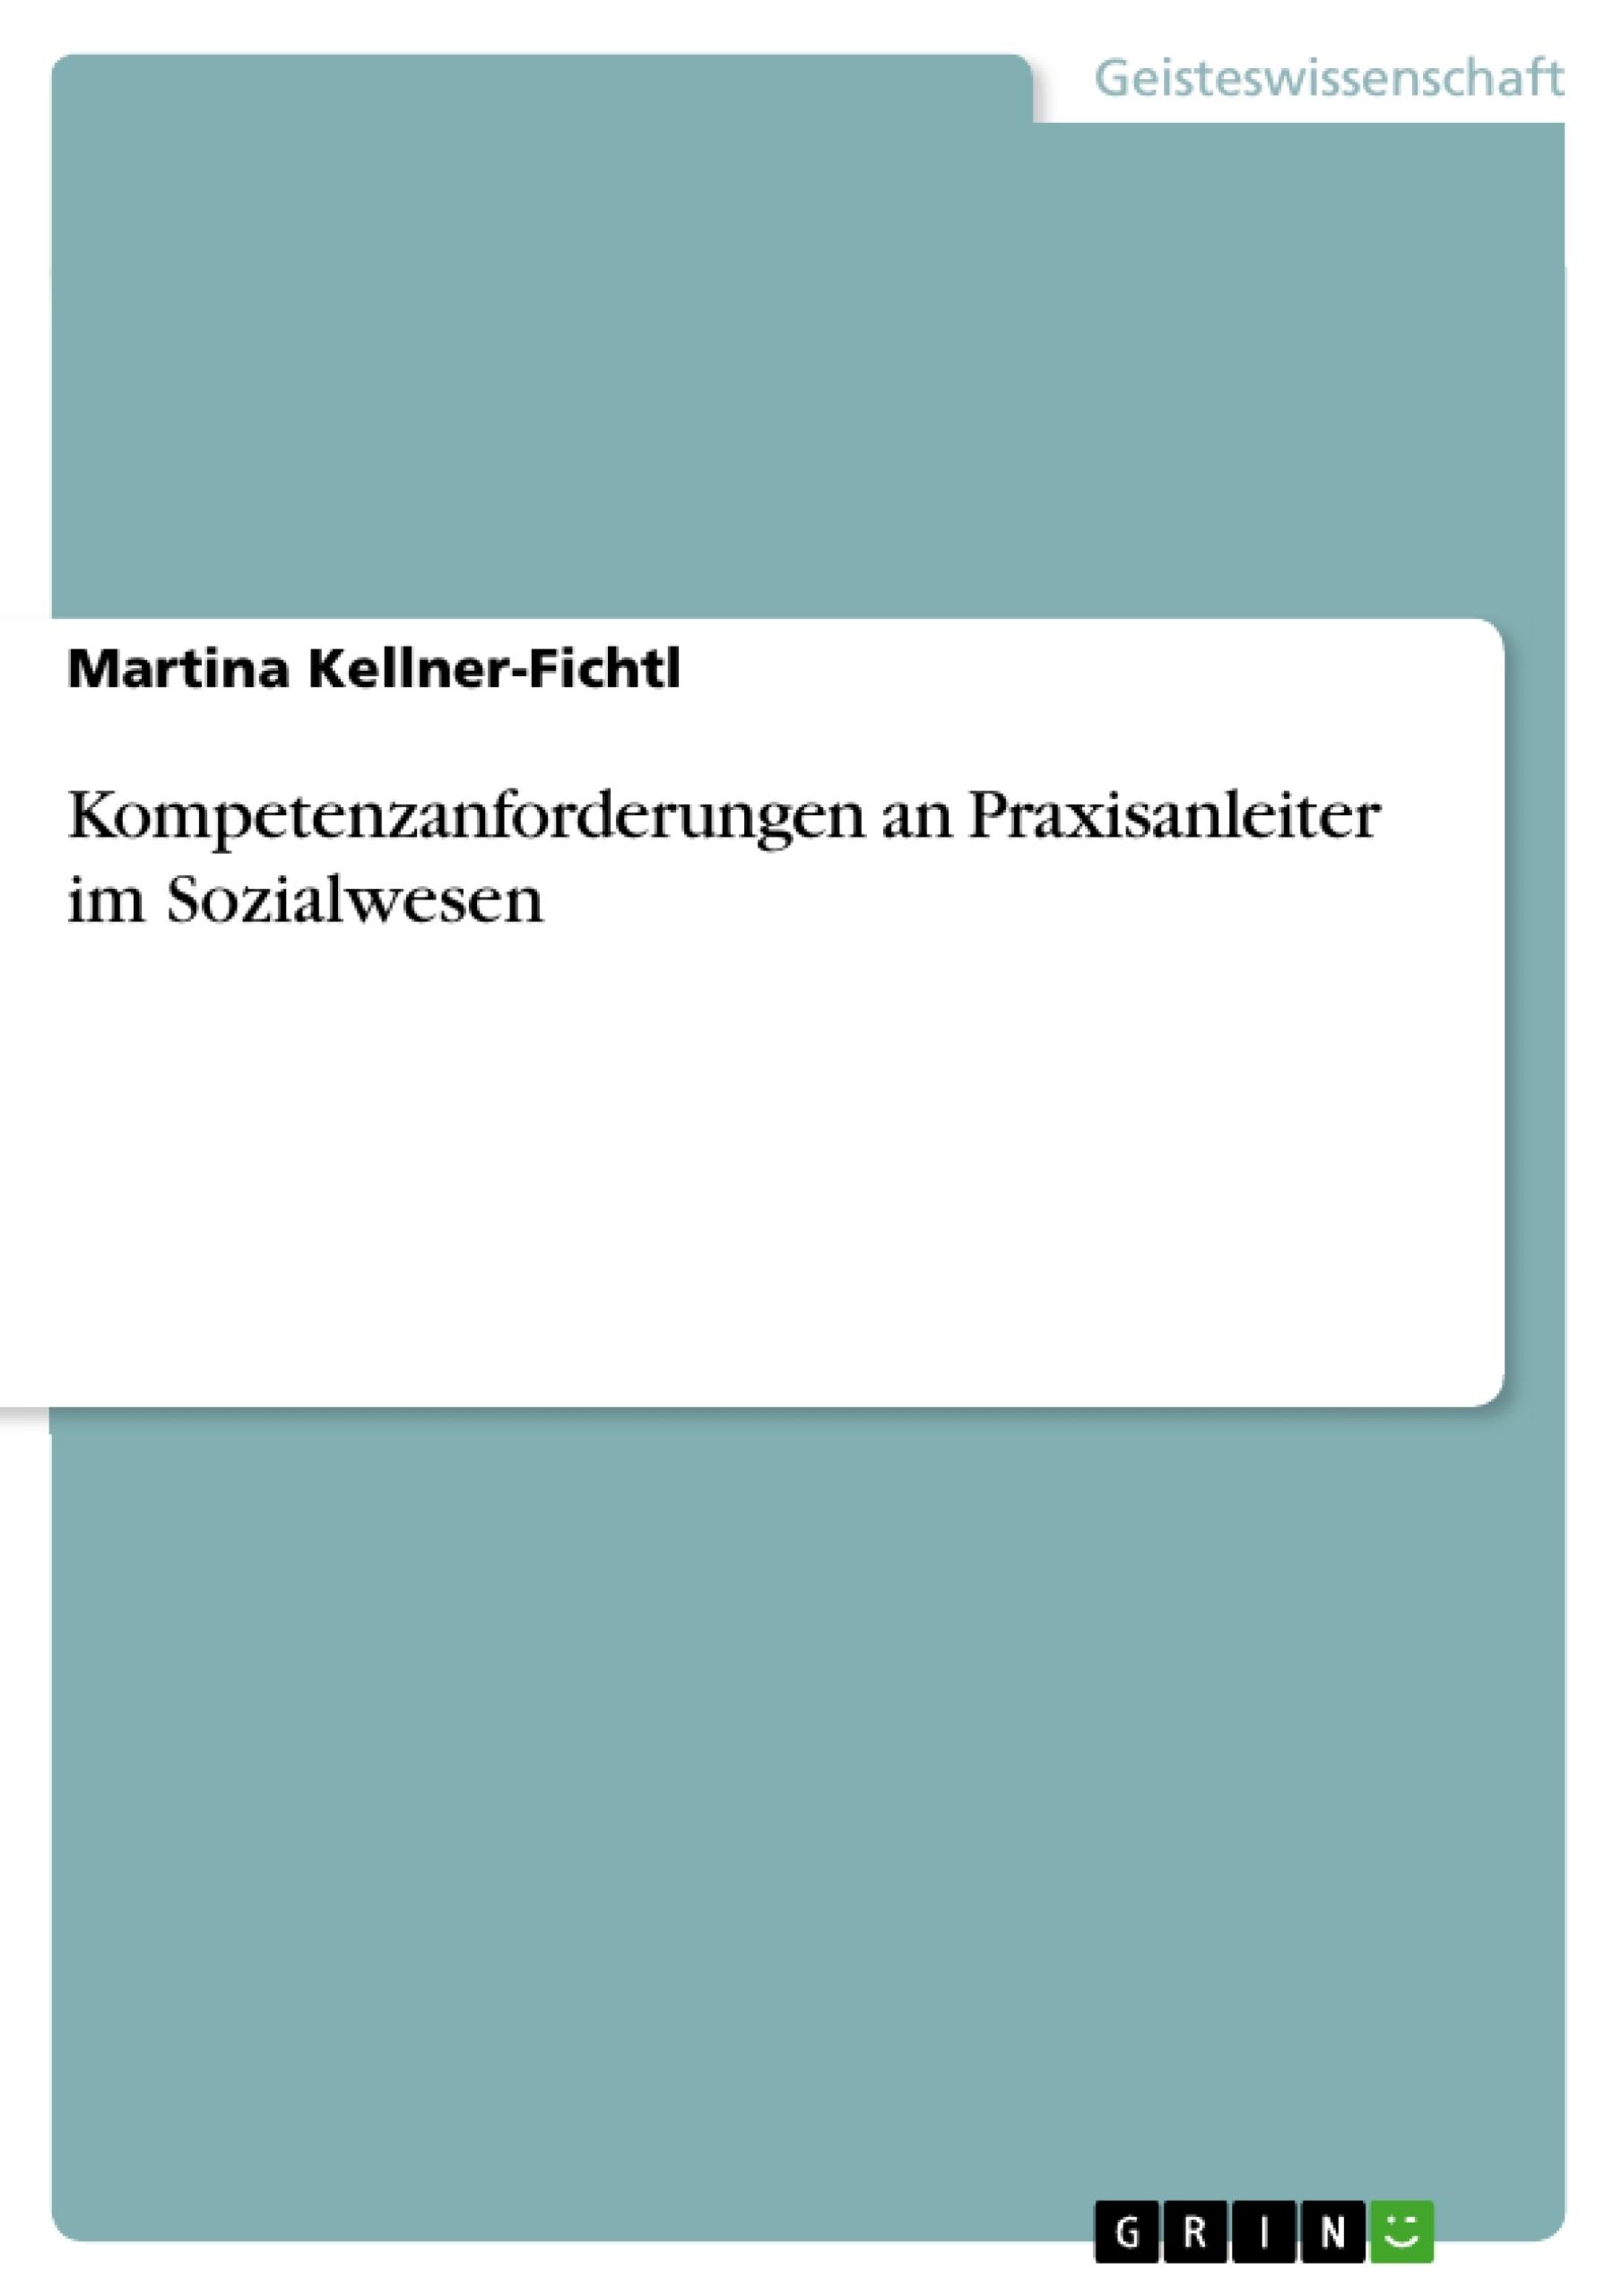 Titel: Kompetenzanforderungen an Praxisanleiter im Sozialwesen